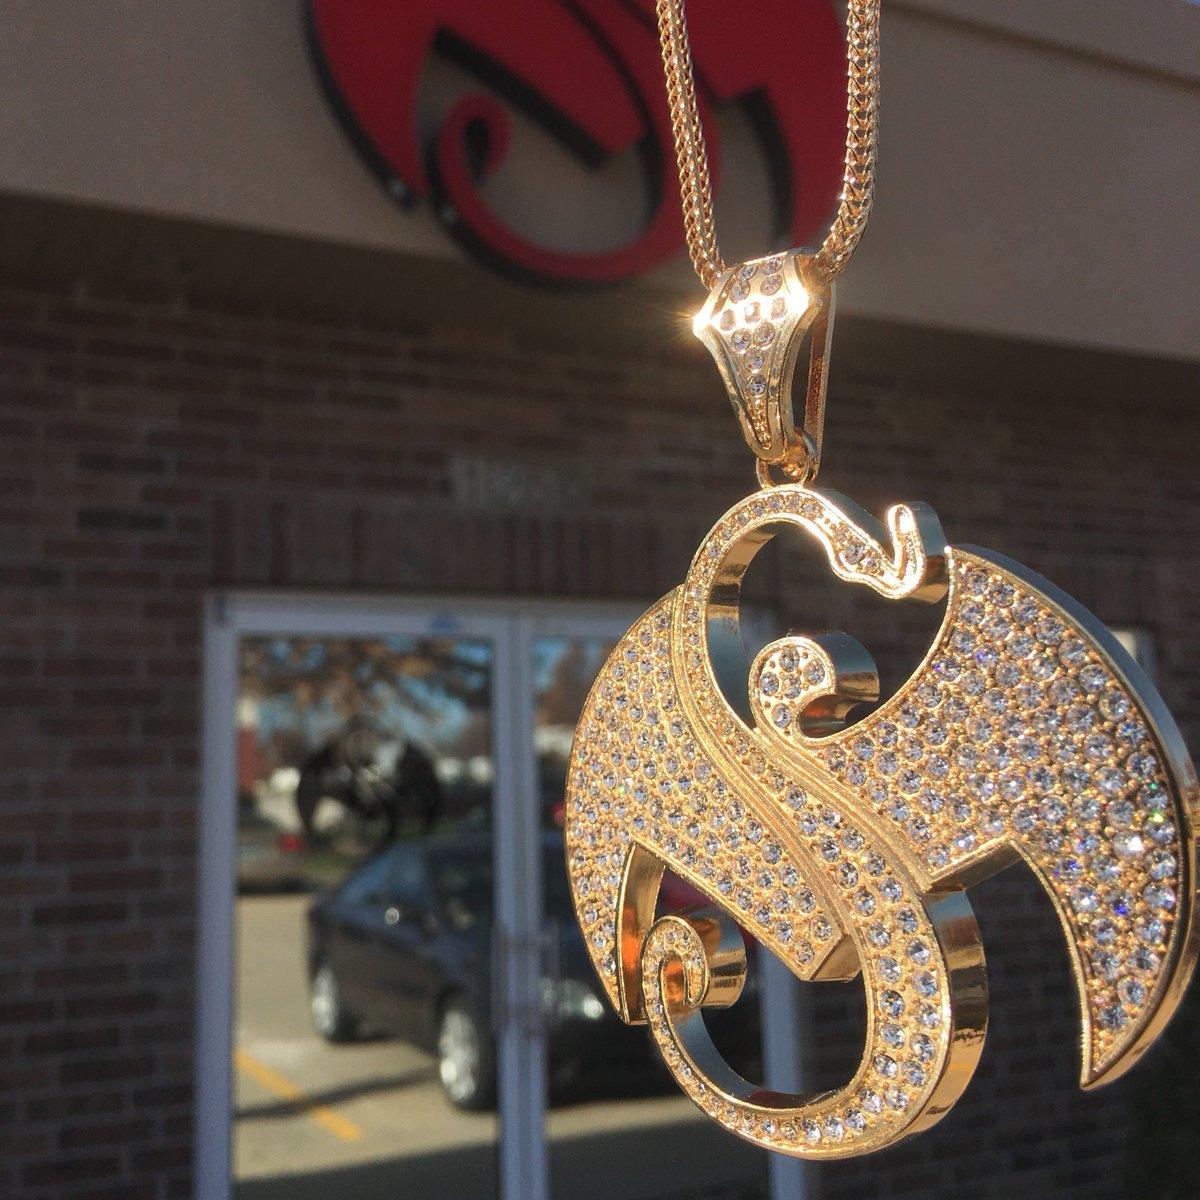 Tech n9ne on twitter brand new gold snake bat pendant 50 off tech n9ne on twitter brand new gold snake bat pendant 50 off right now at httpstuxfjz0thpz aloadofball Gallery